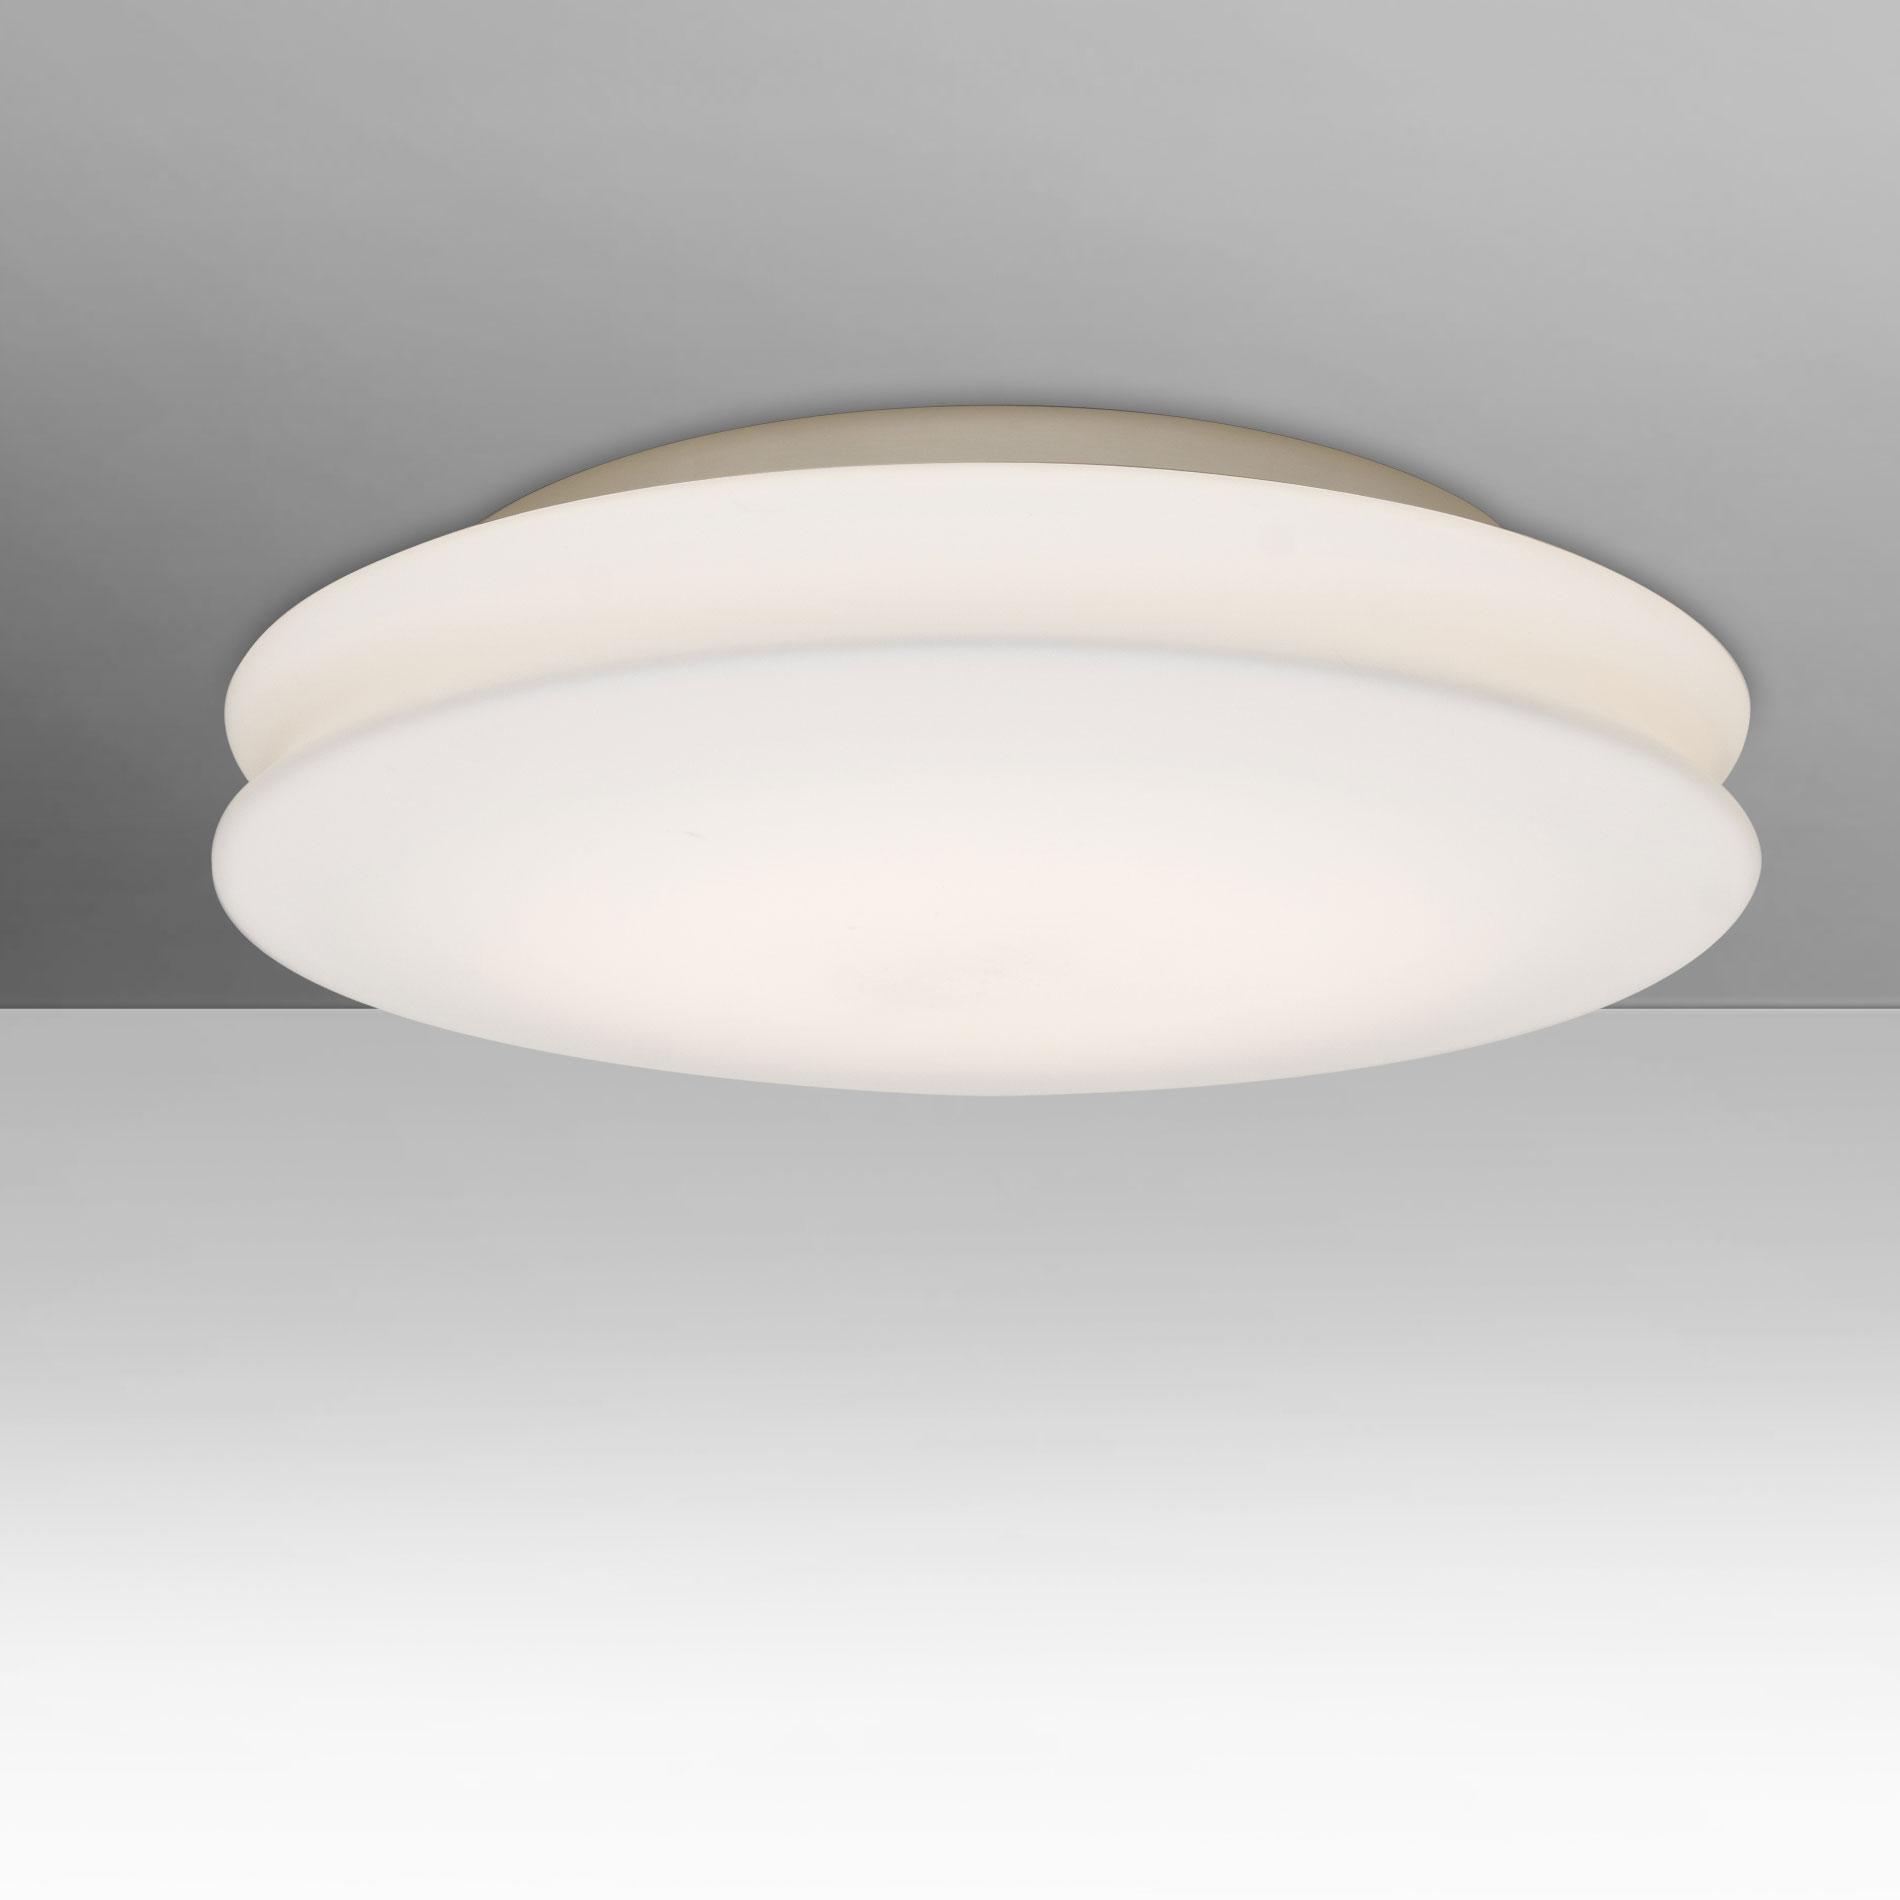 Aura Flush Mount Ceiling Light By Besa Lighting Aura1207c Led